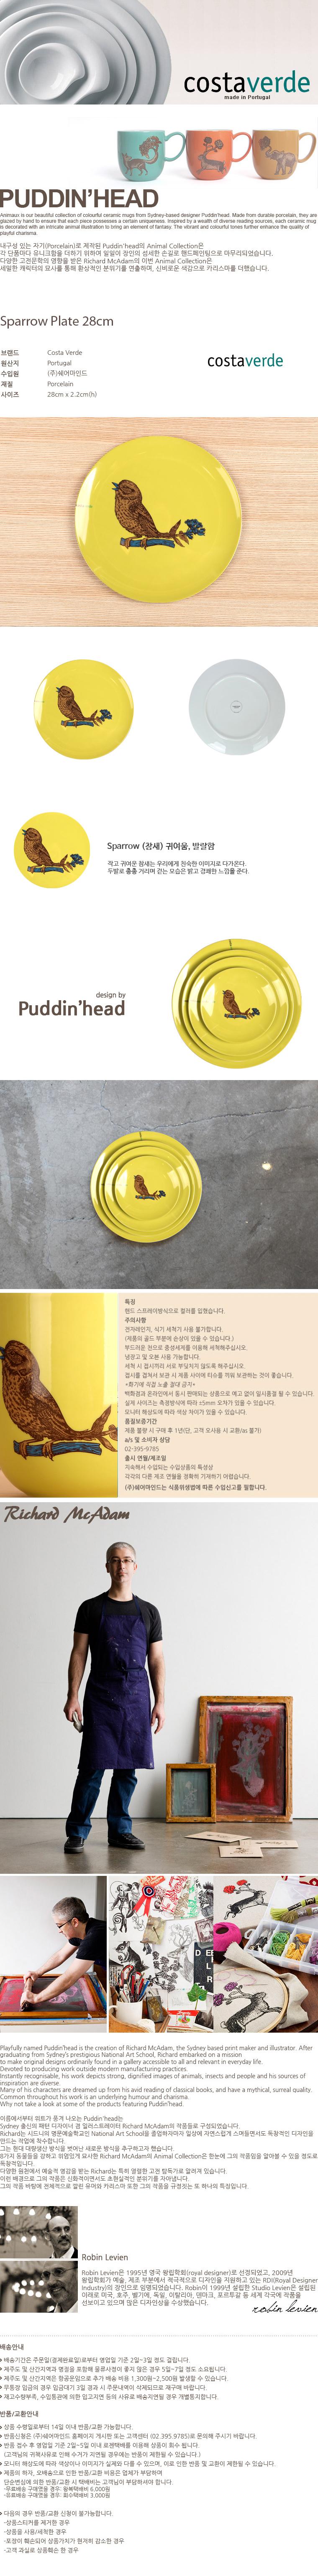 sparrow_28plate_760.jpg